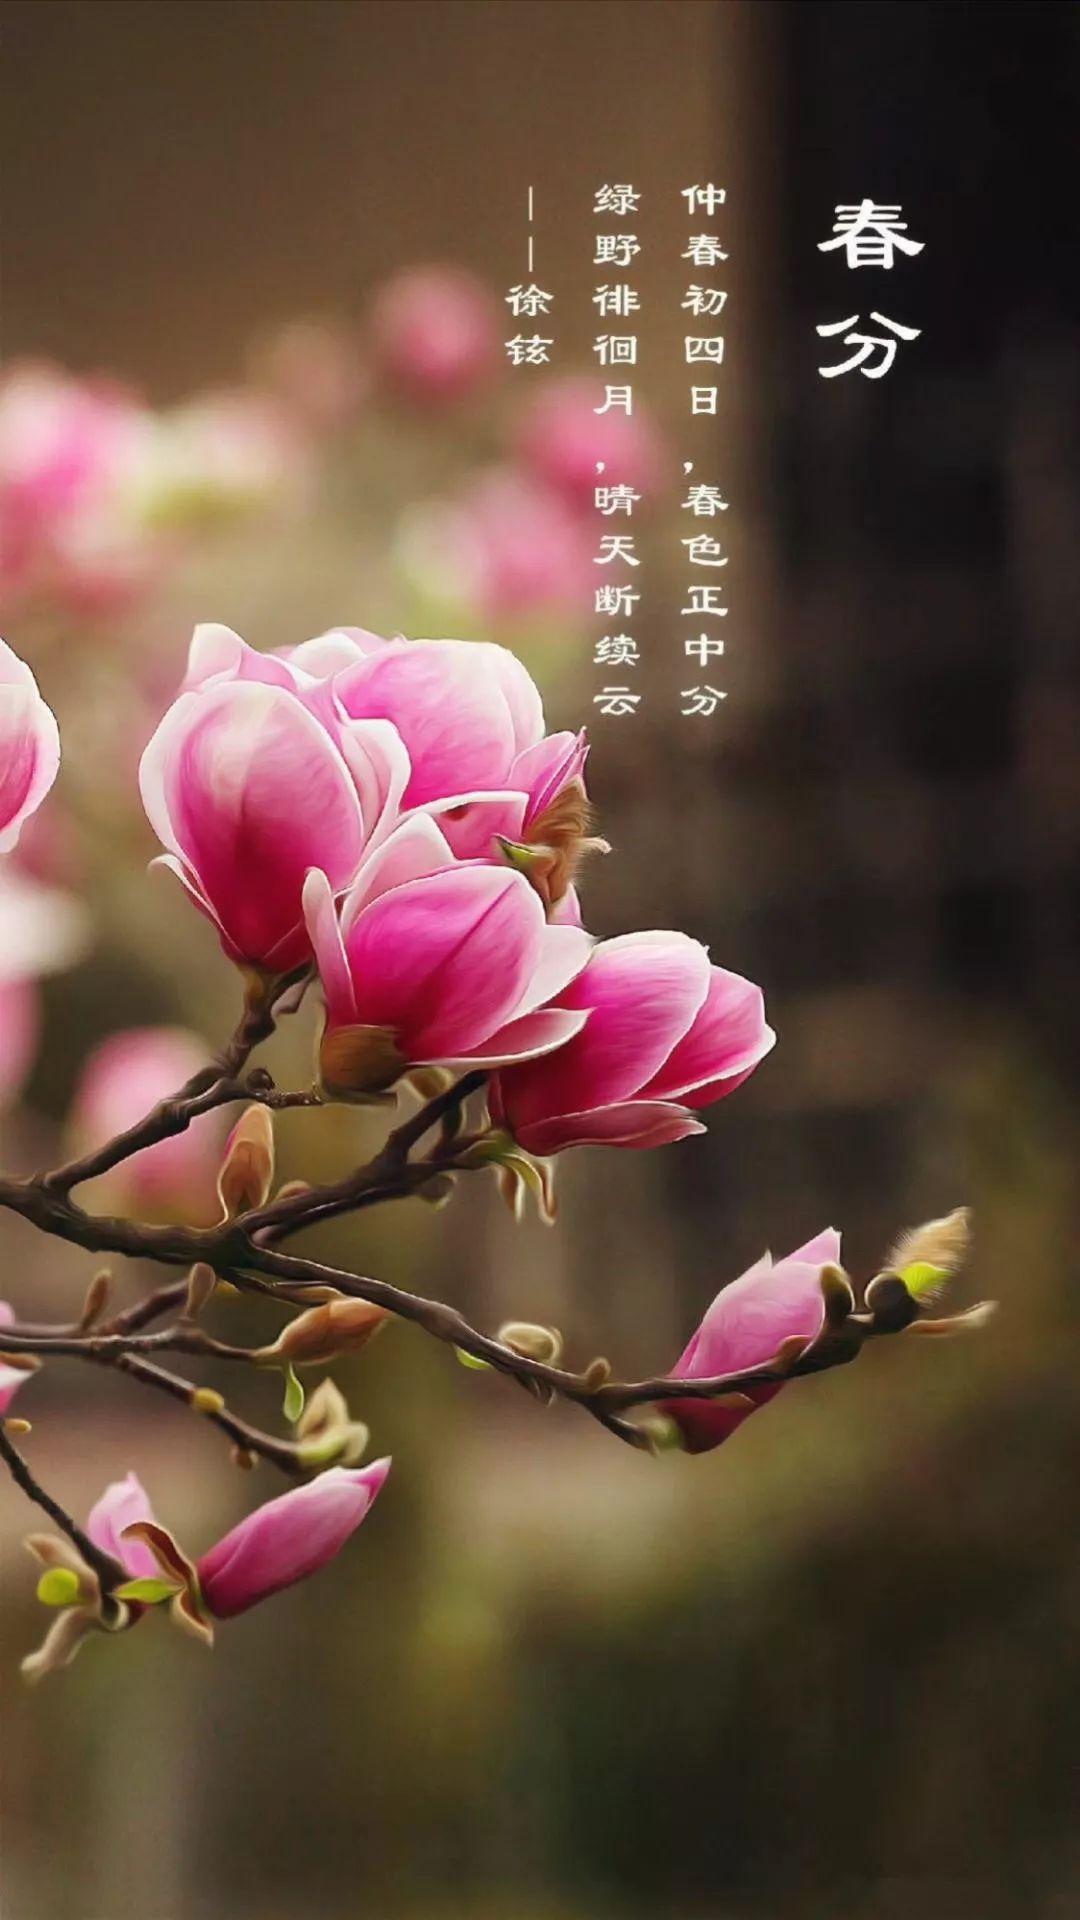 【春城秀】最是一年好时节,一朝春色看昆明